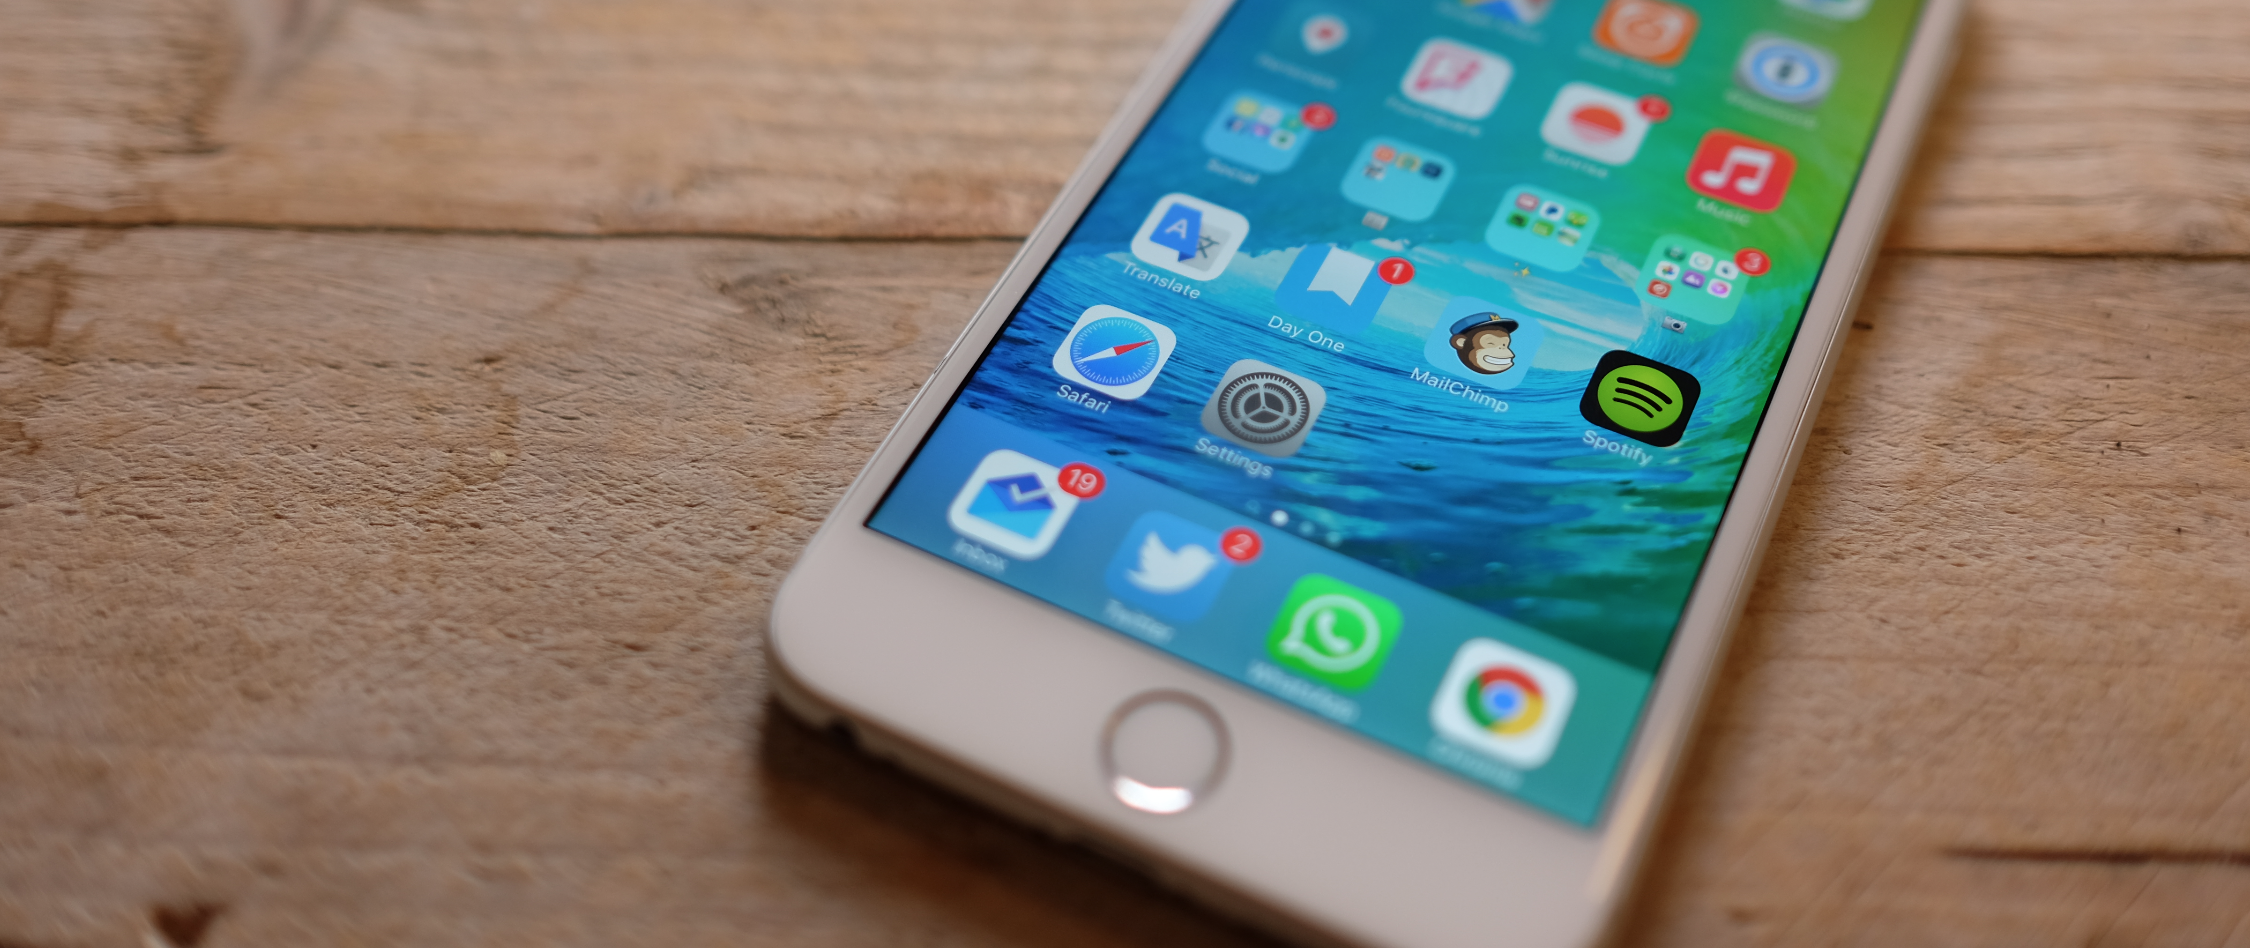 iOS 9 ile Reklam Engelleme Özelliği Geliyor?